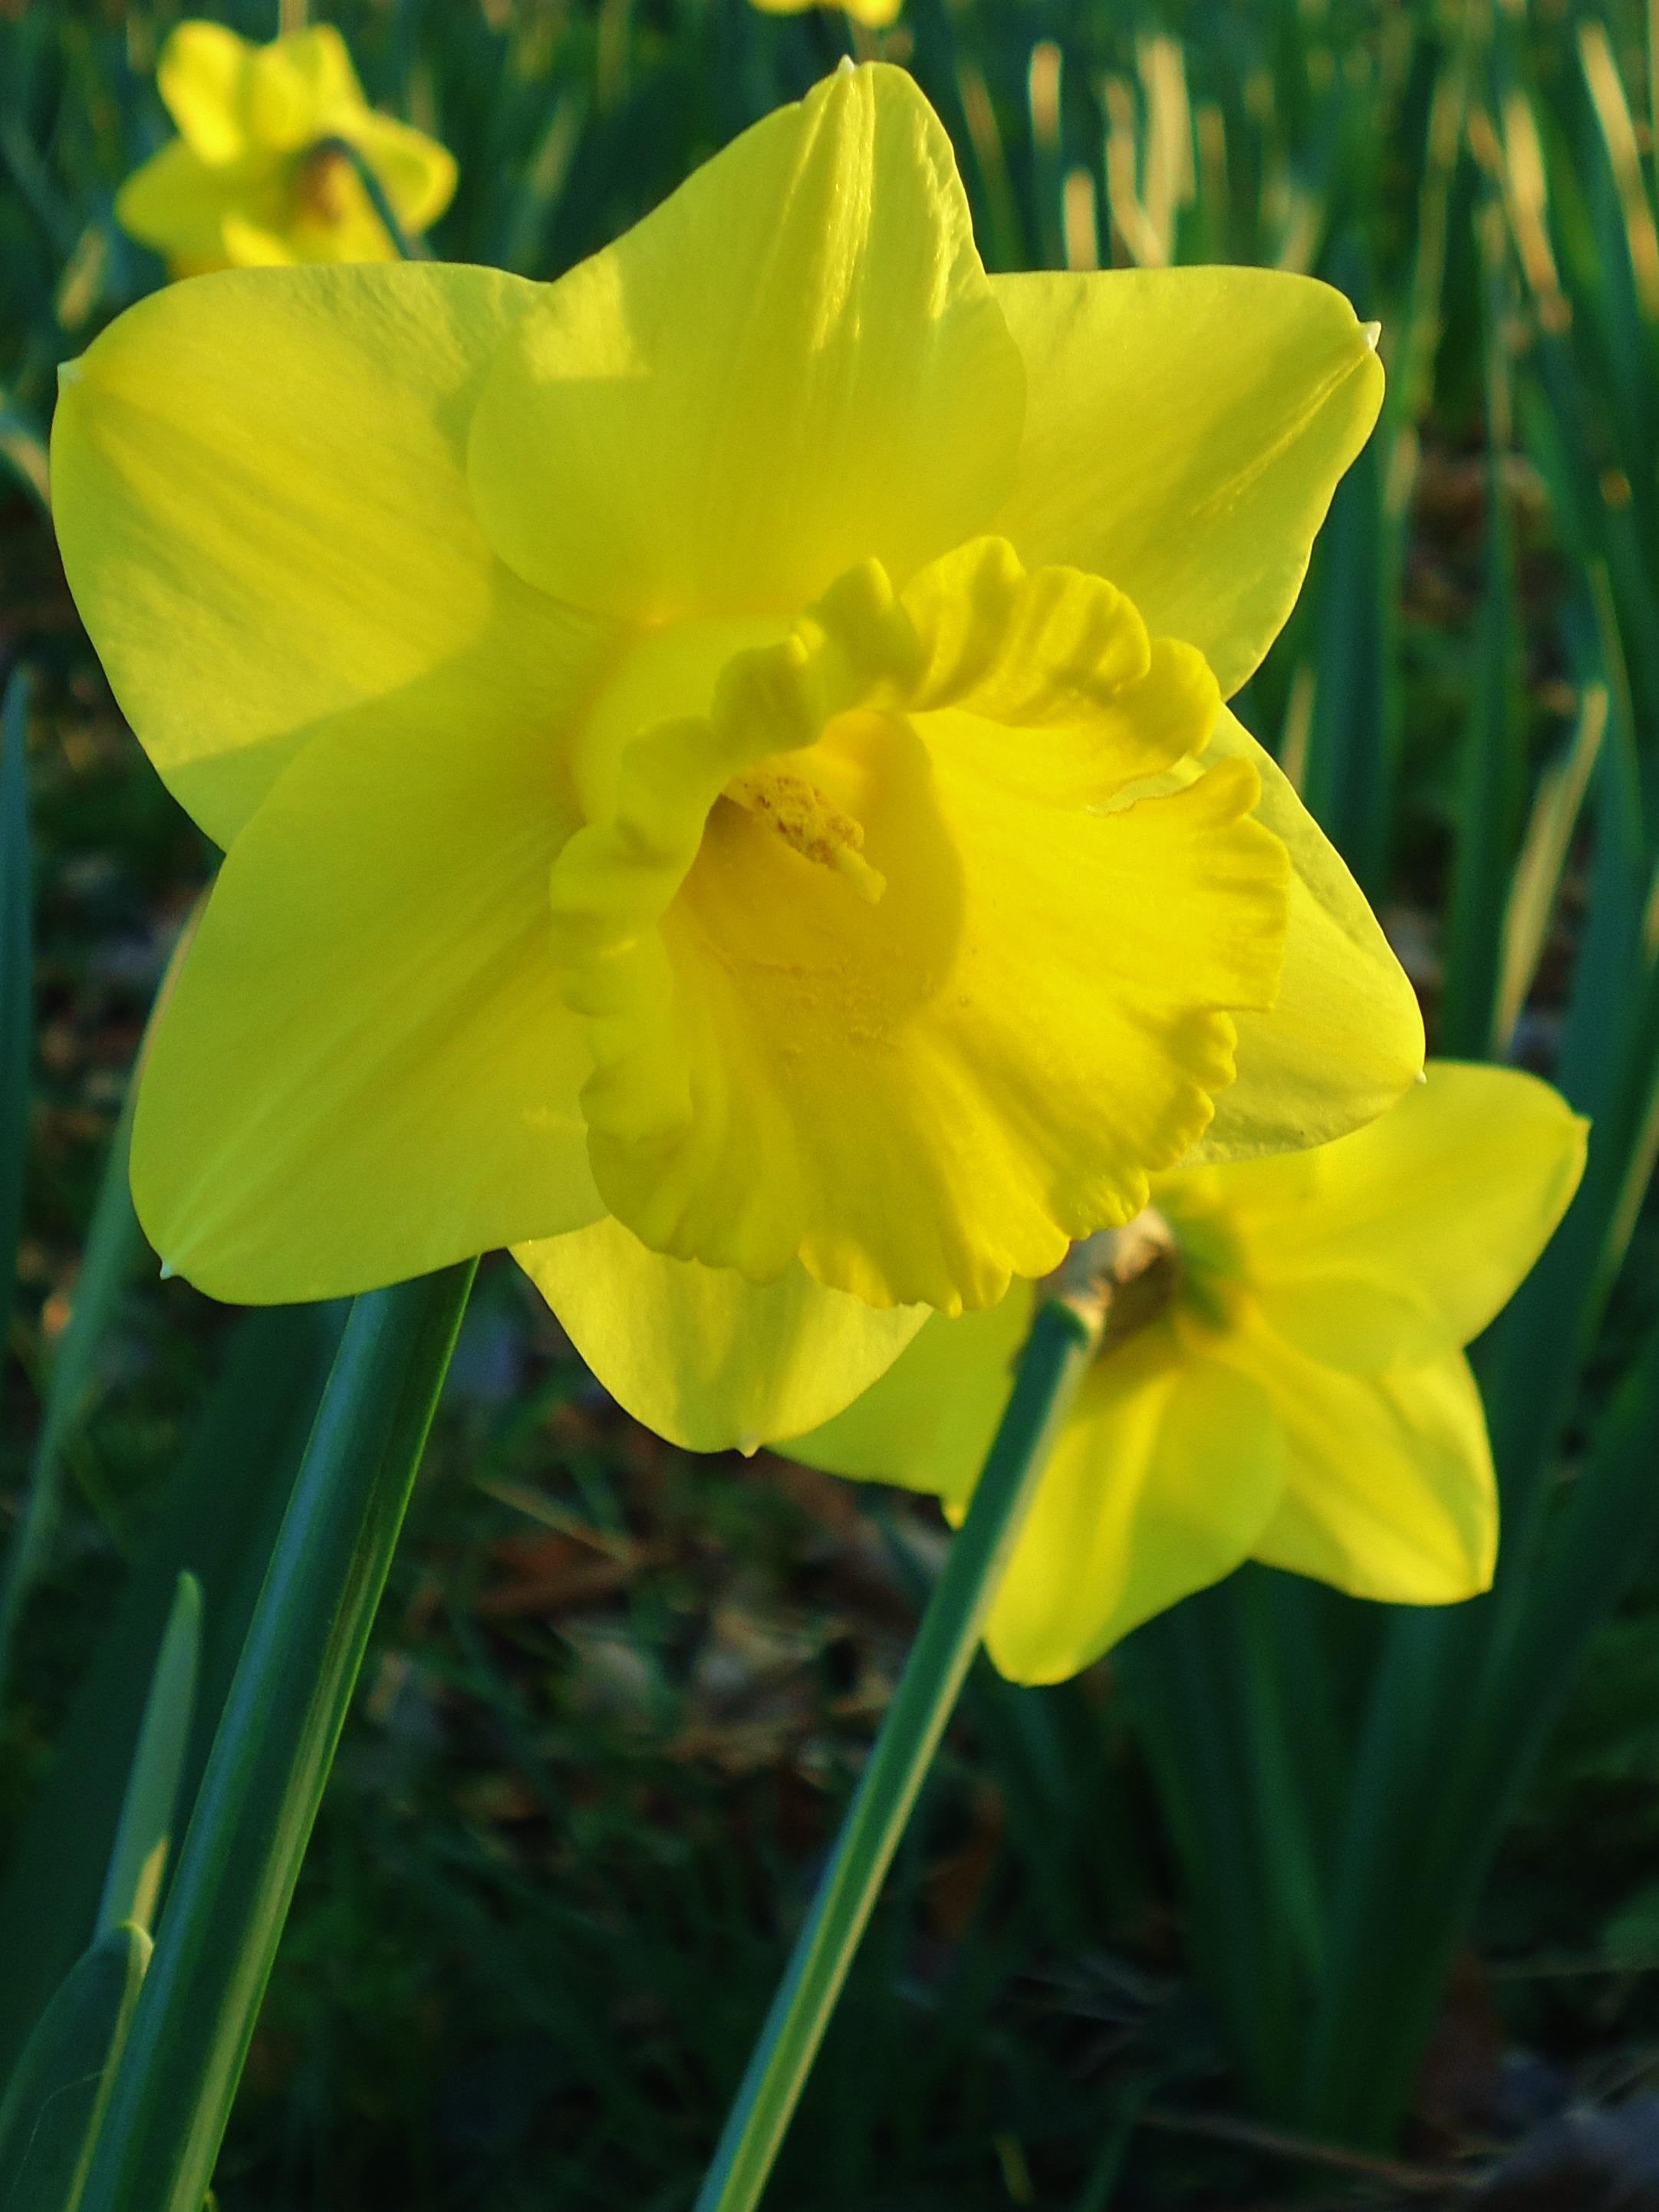 Immagini belle natura fiore primavera giallo narciso for Narciso giallo